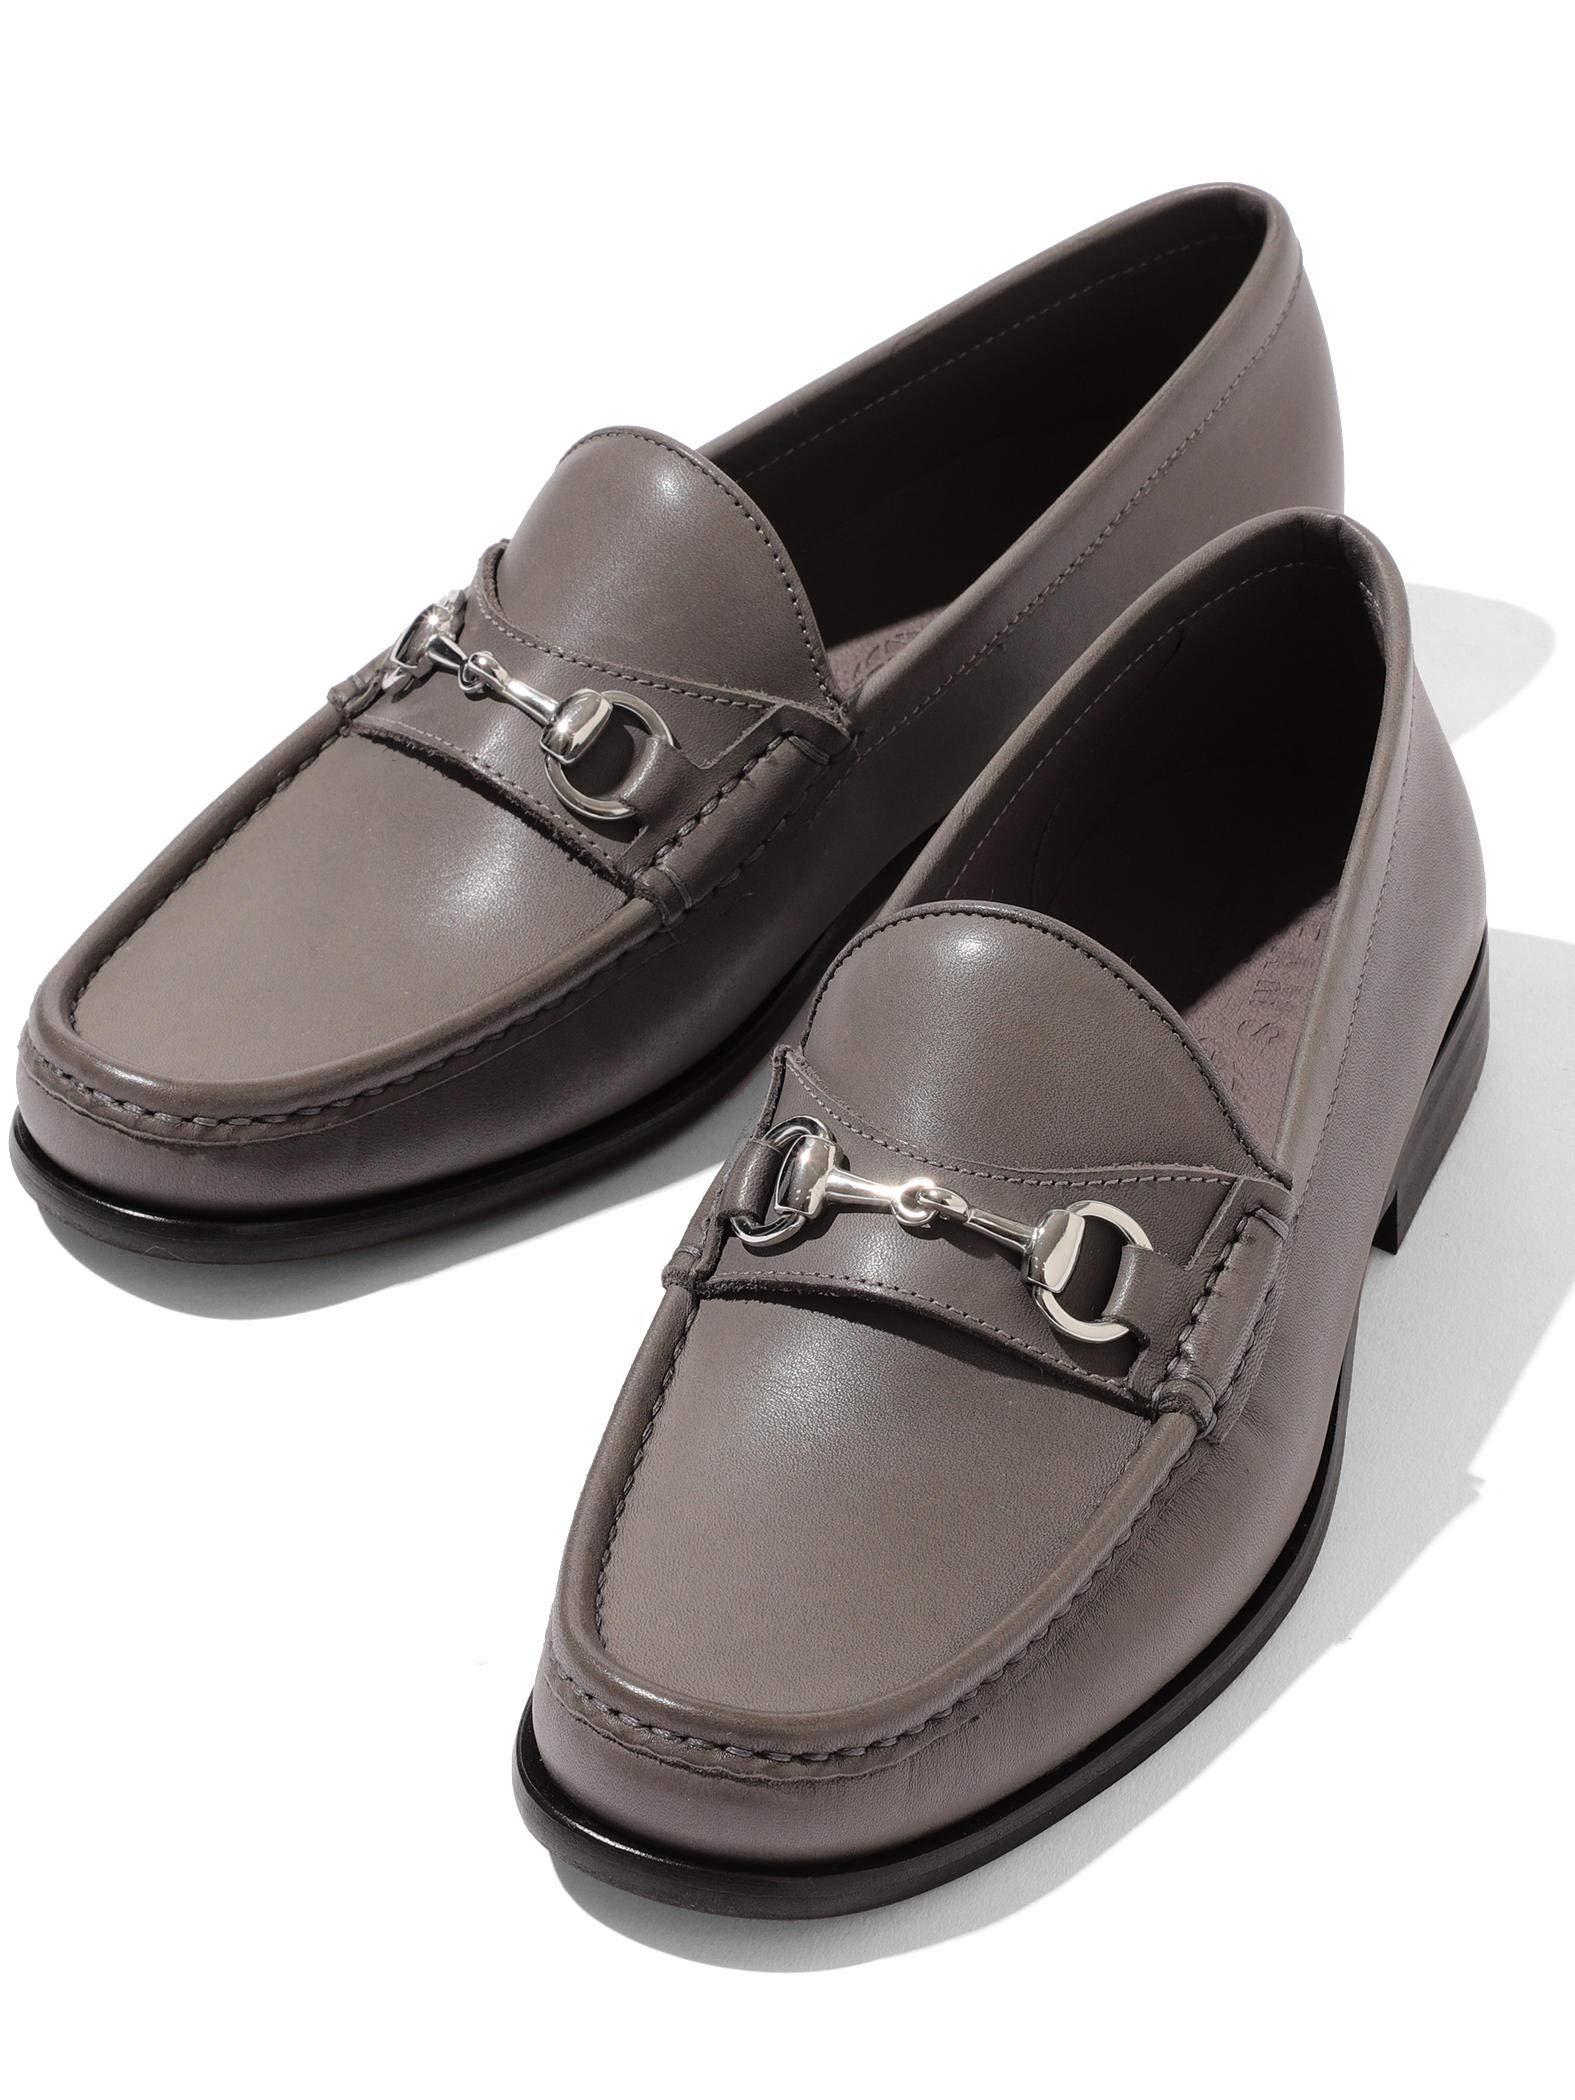 メンズ靴・バッグ